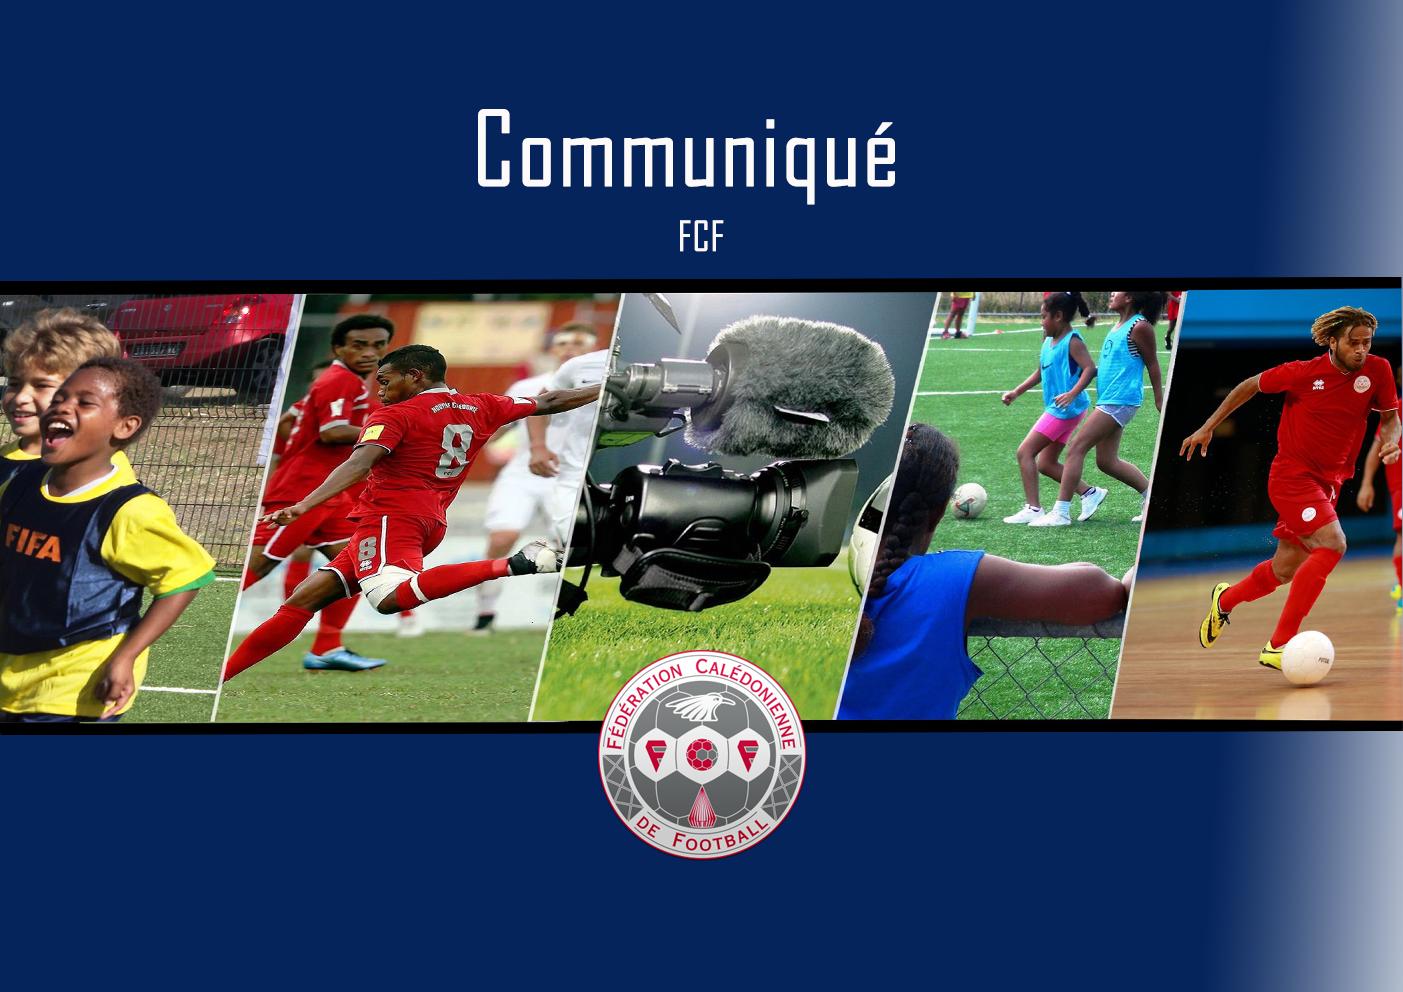 Le football calédonien à l'arrêt / Communiqué FCF